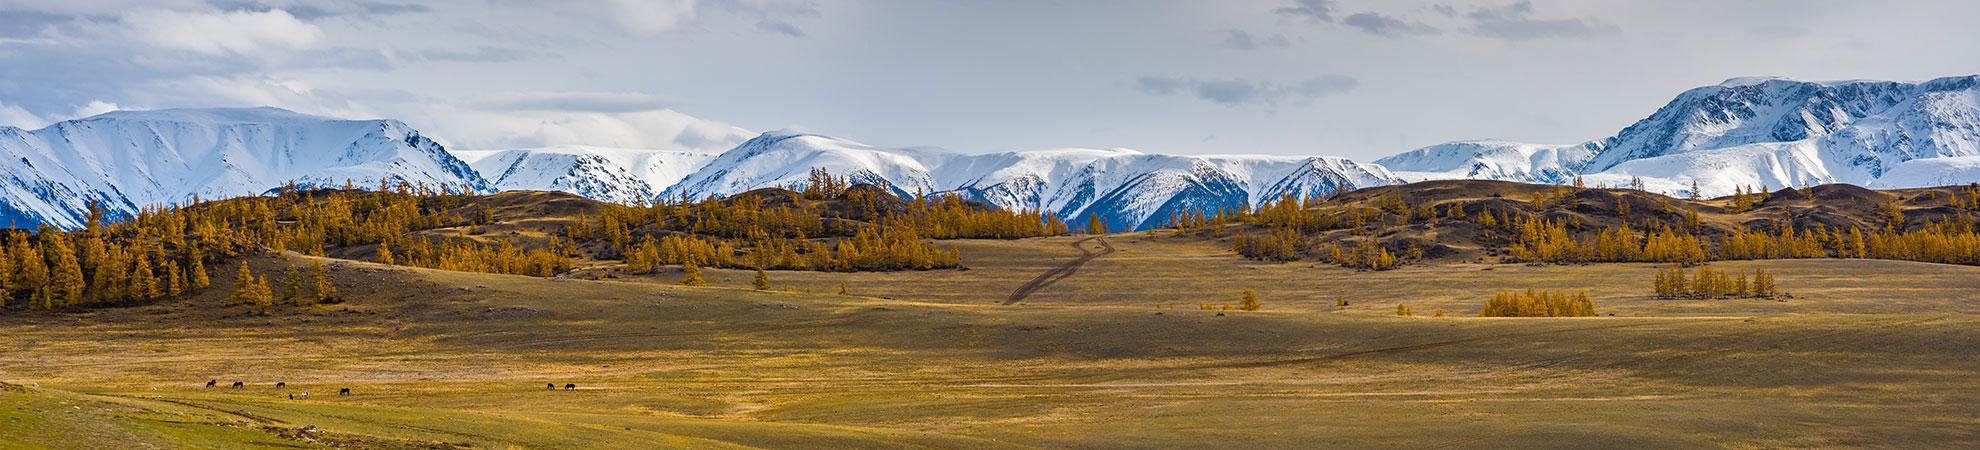 Paysages de Mongolie